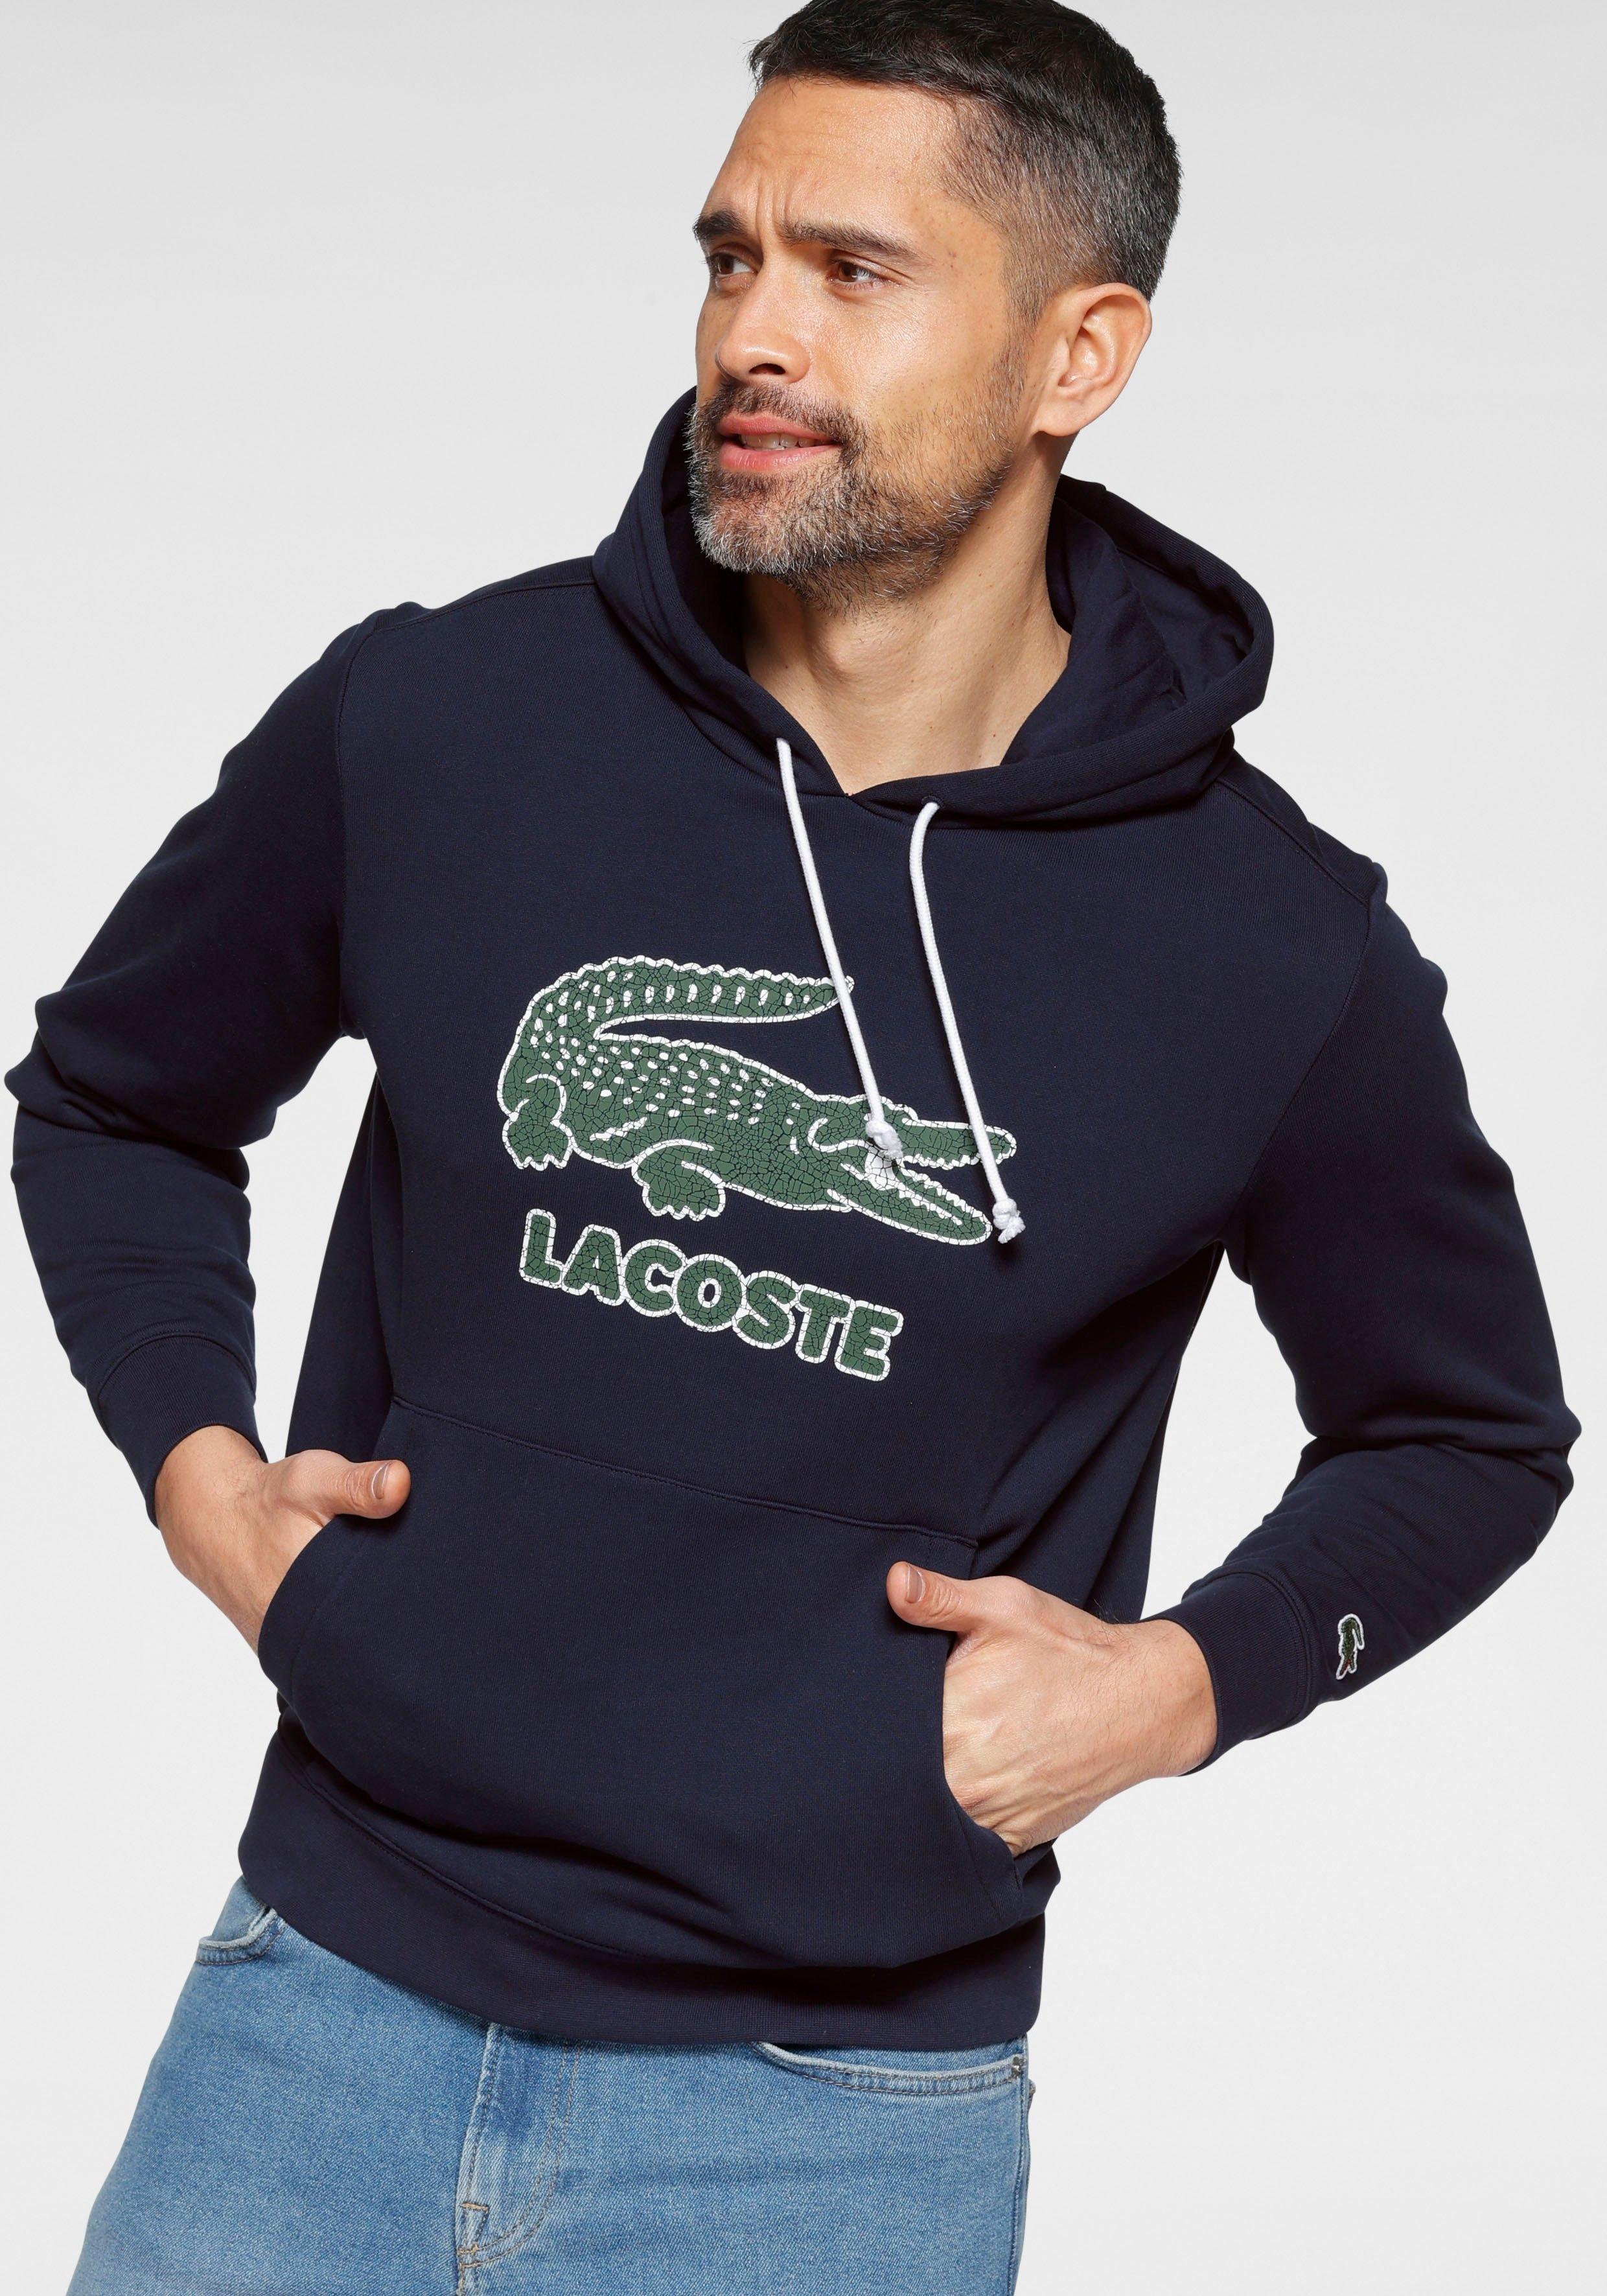 Lacoste hoodie - gratis ruilen op otto.nl